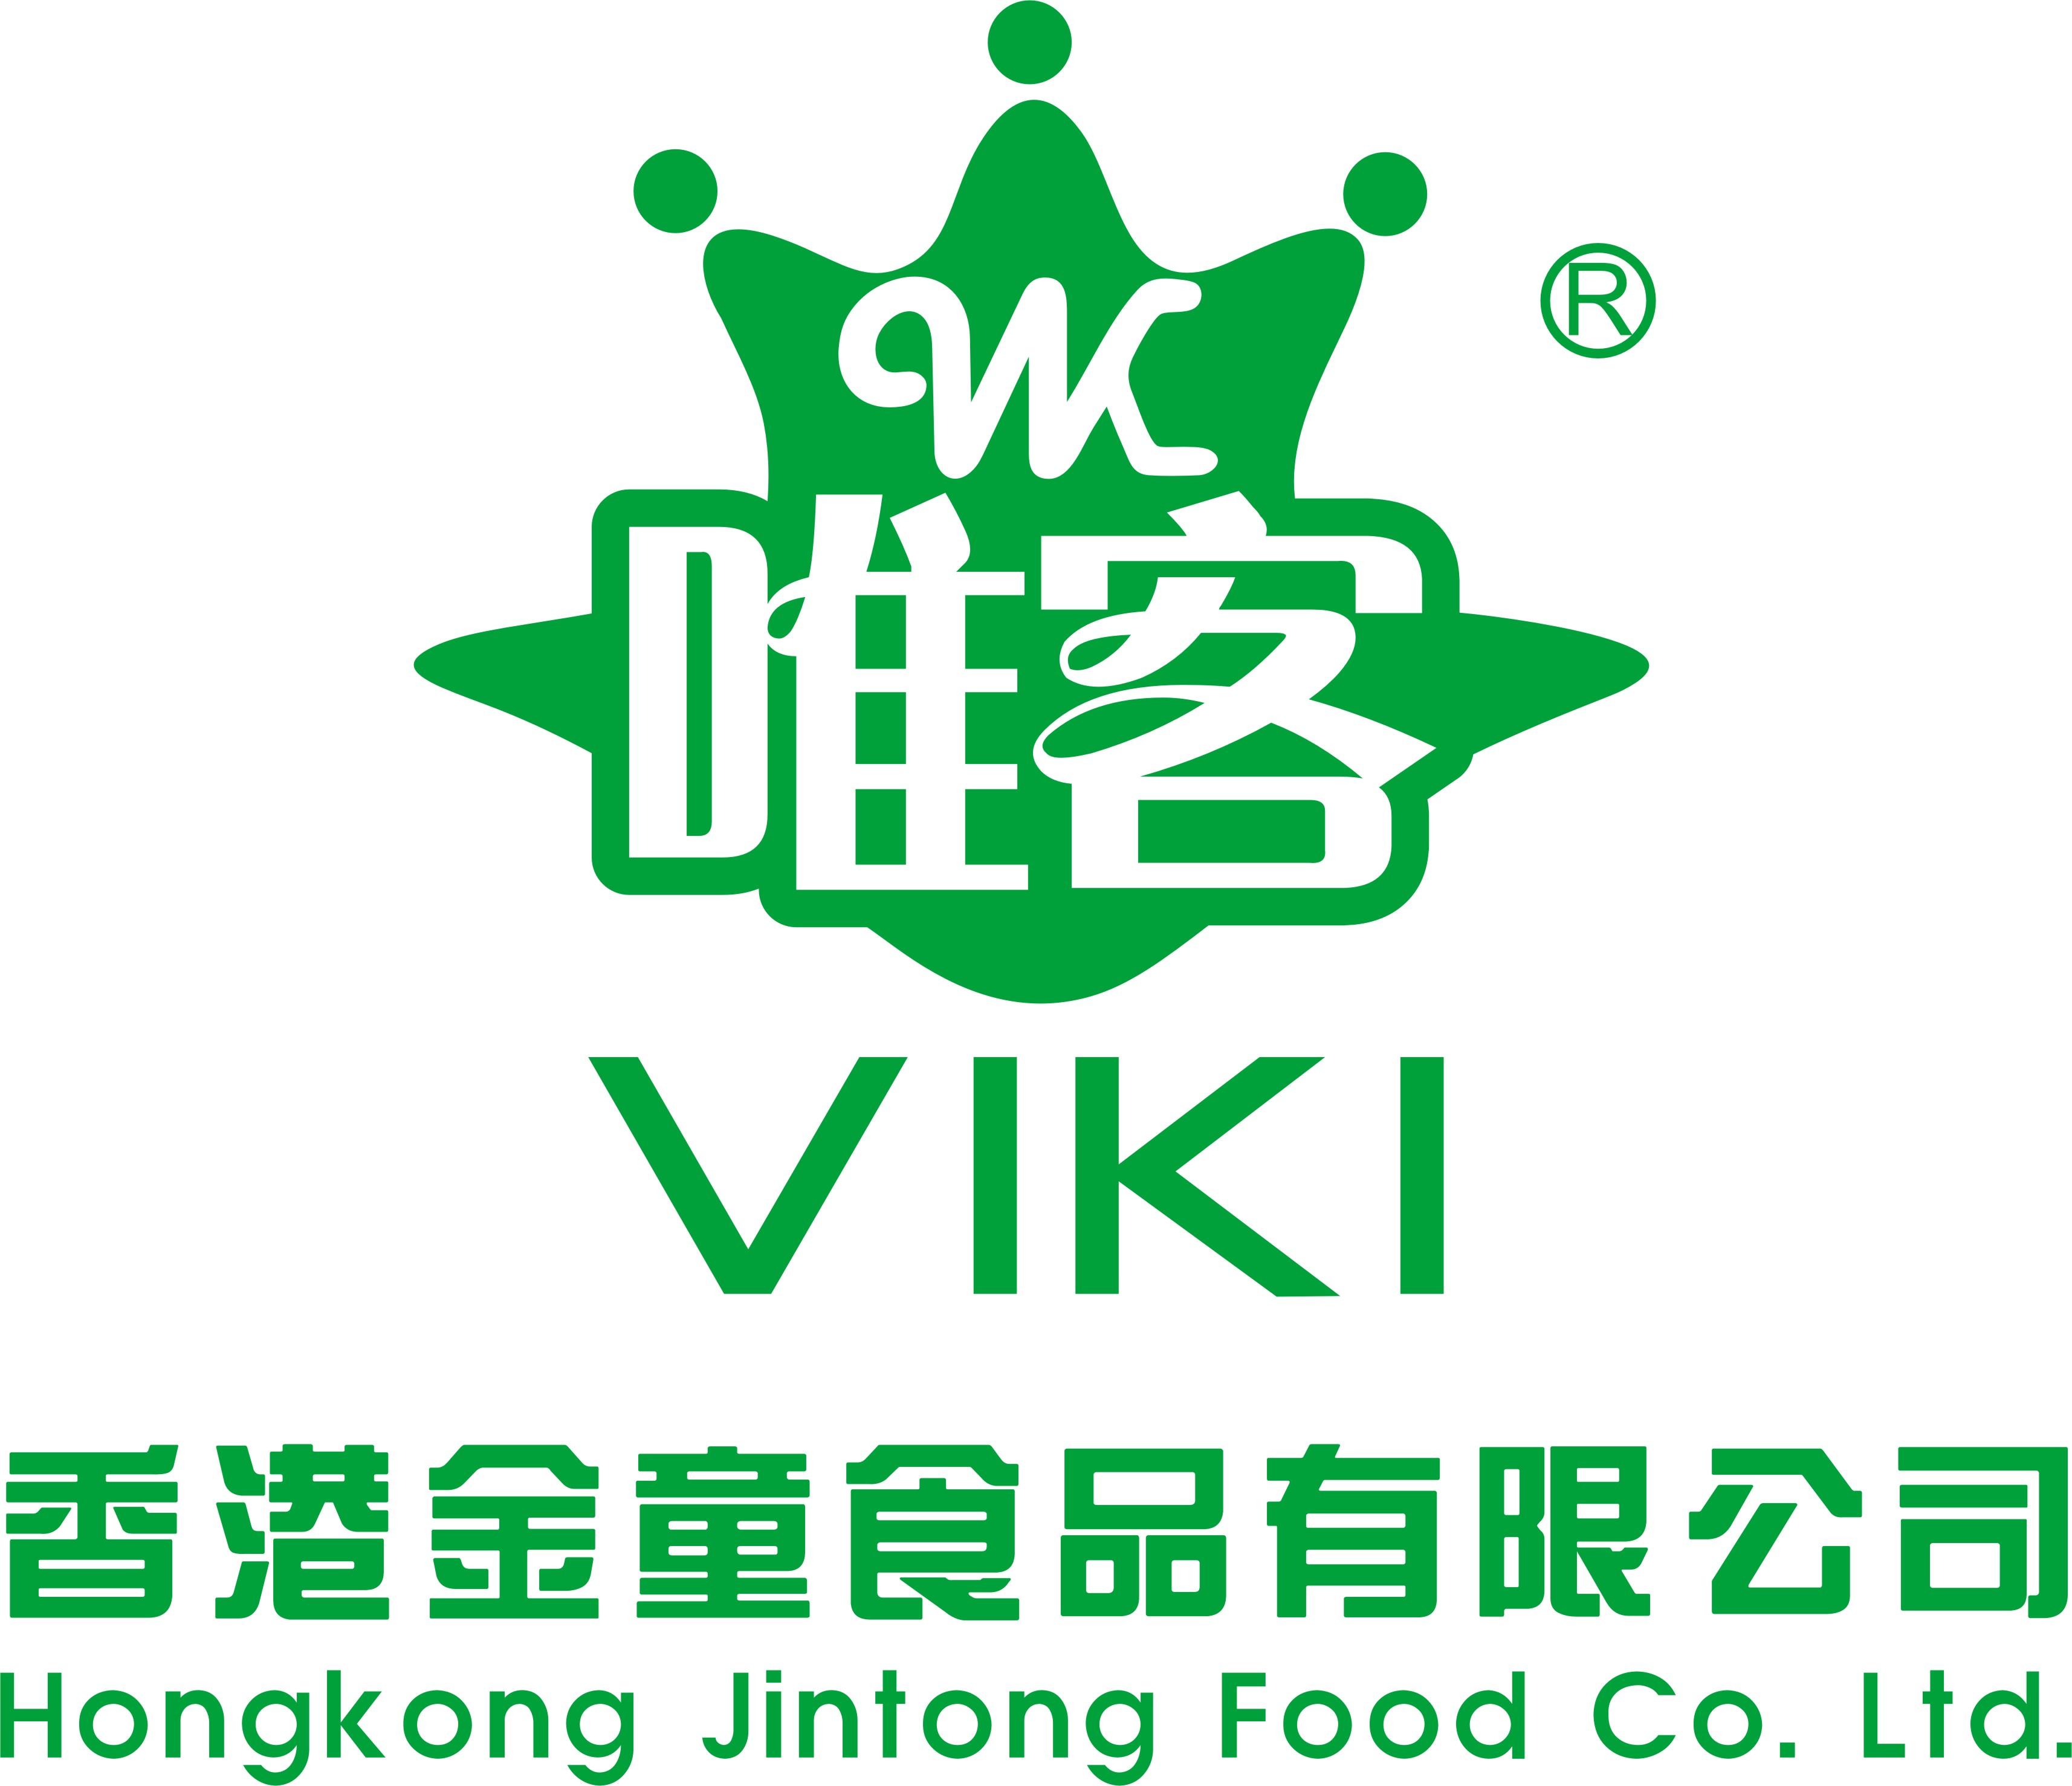 荆州市金童食品有限公司